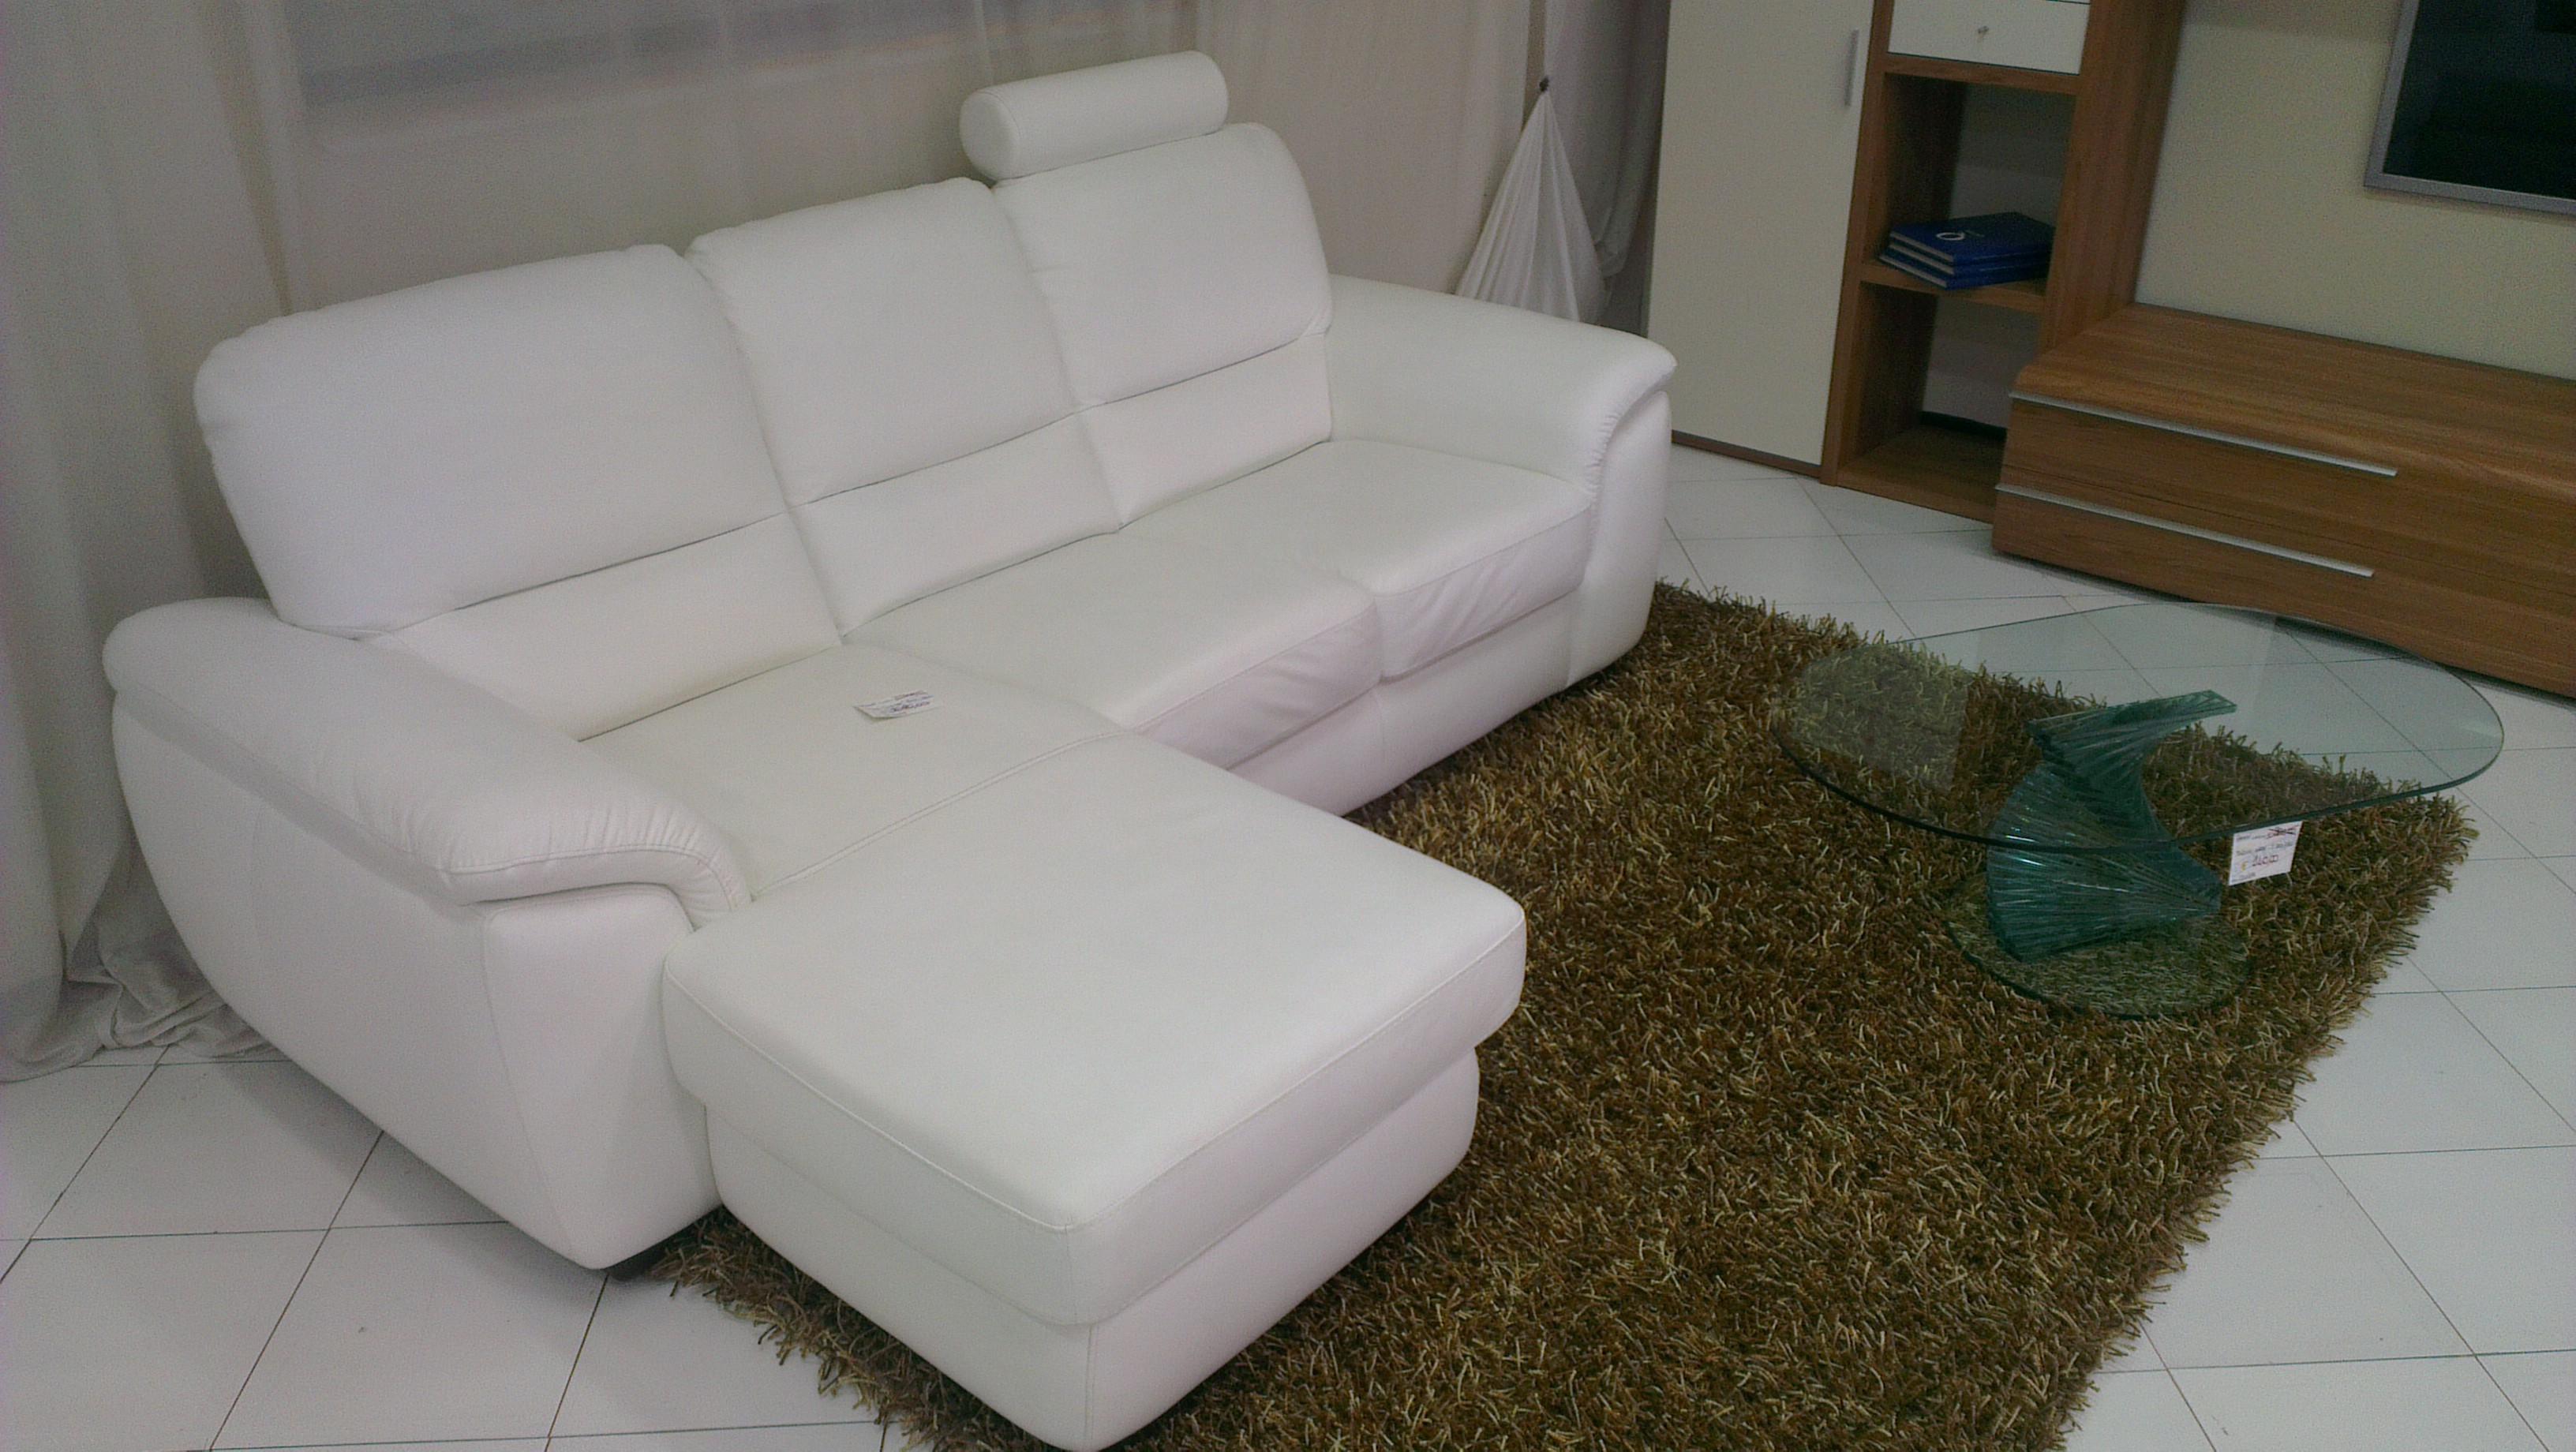 Divano in pelle delta scontato divani a prezzi scontati - Amazon divani due posti ...